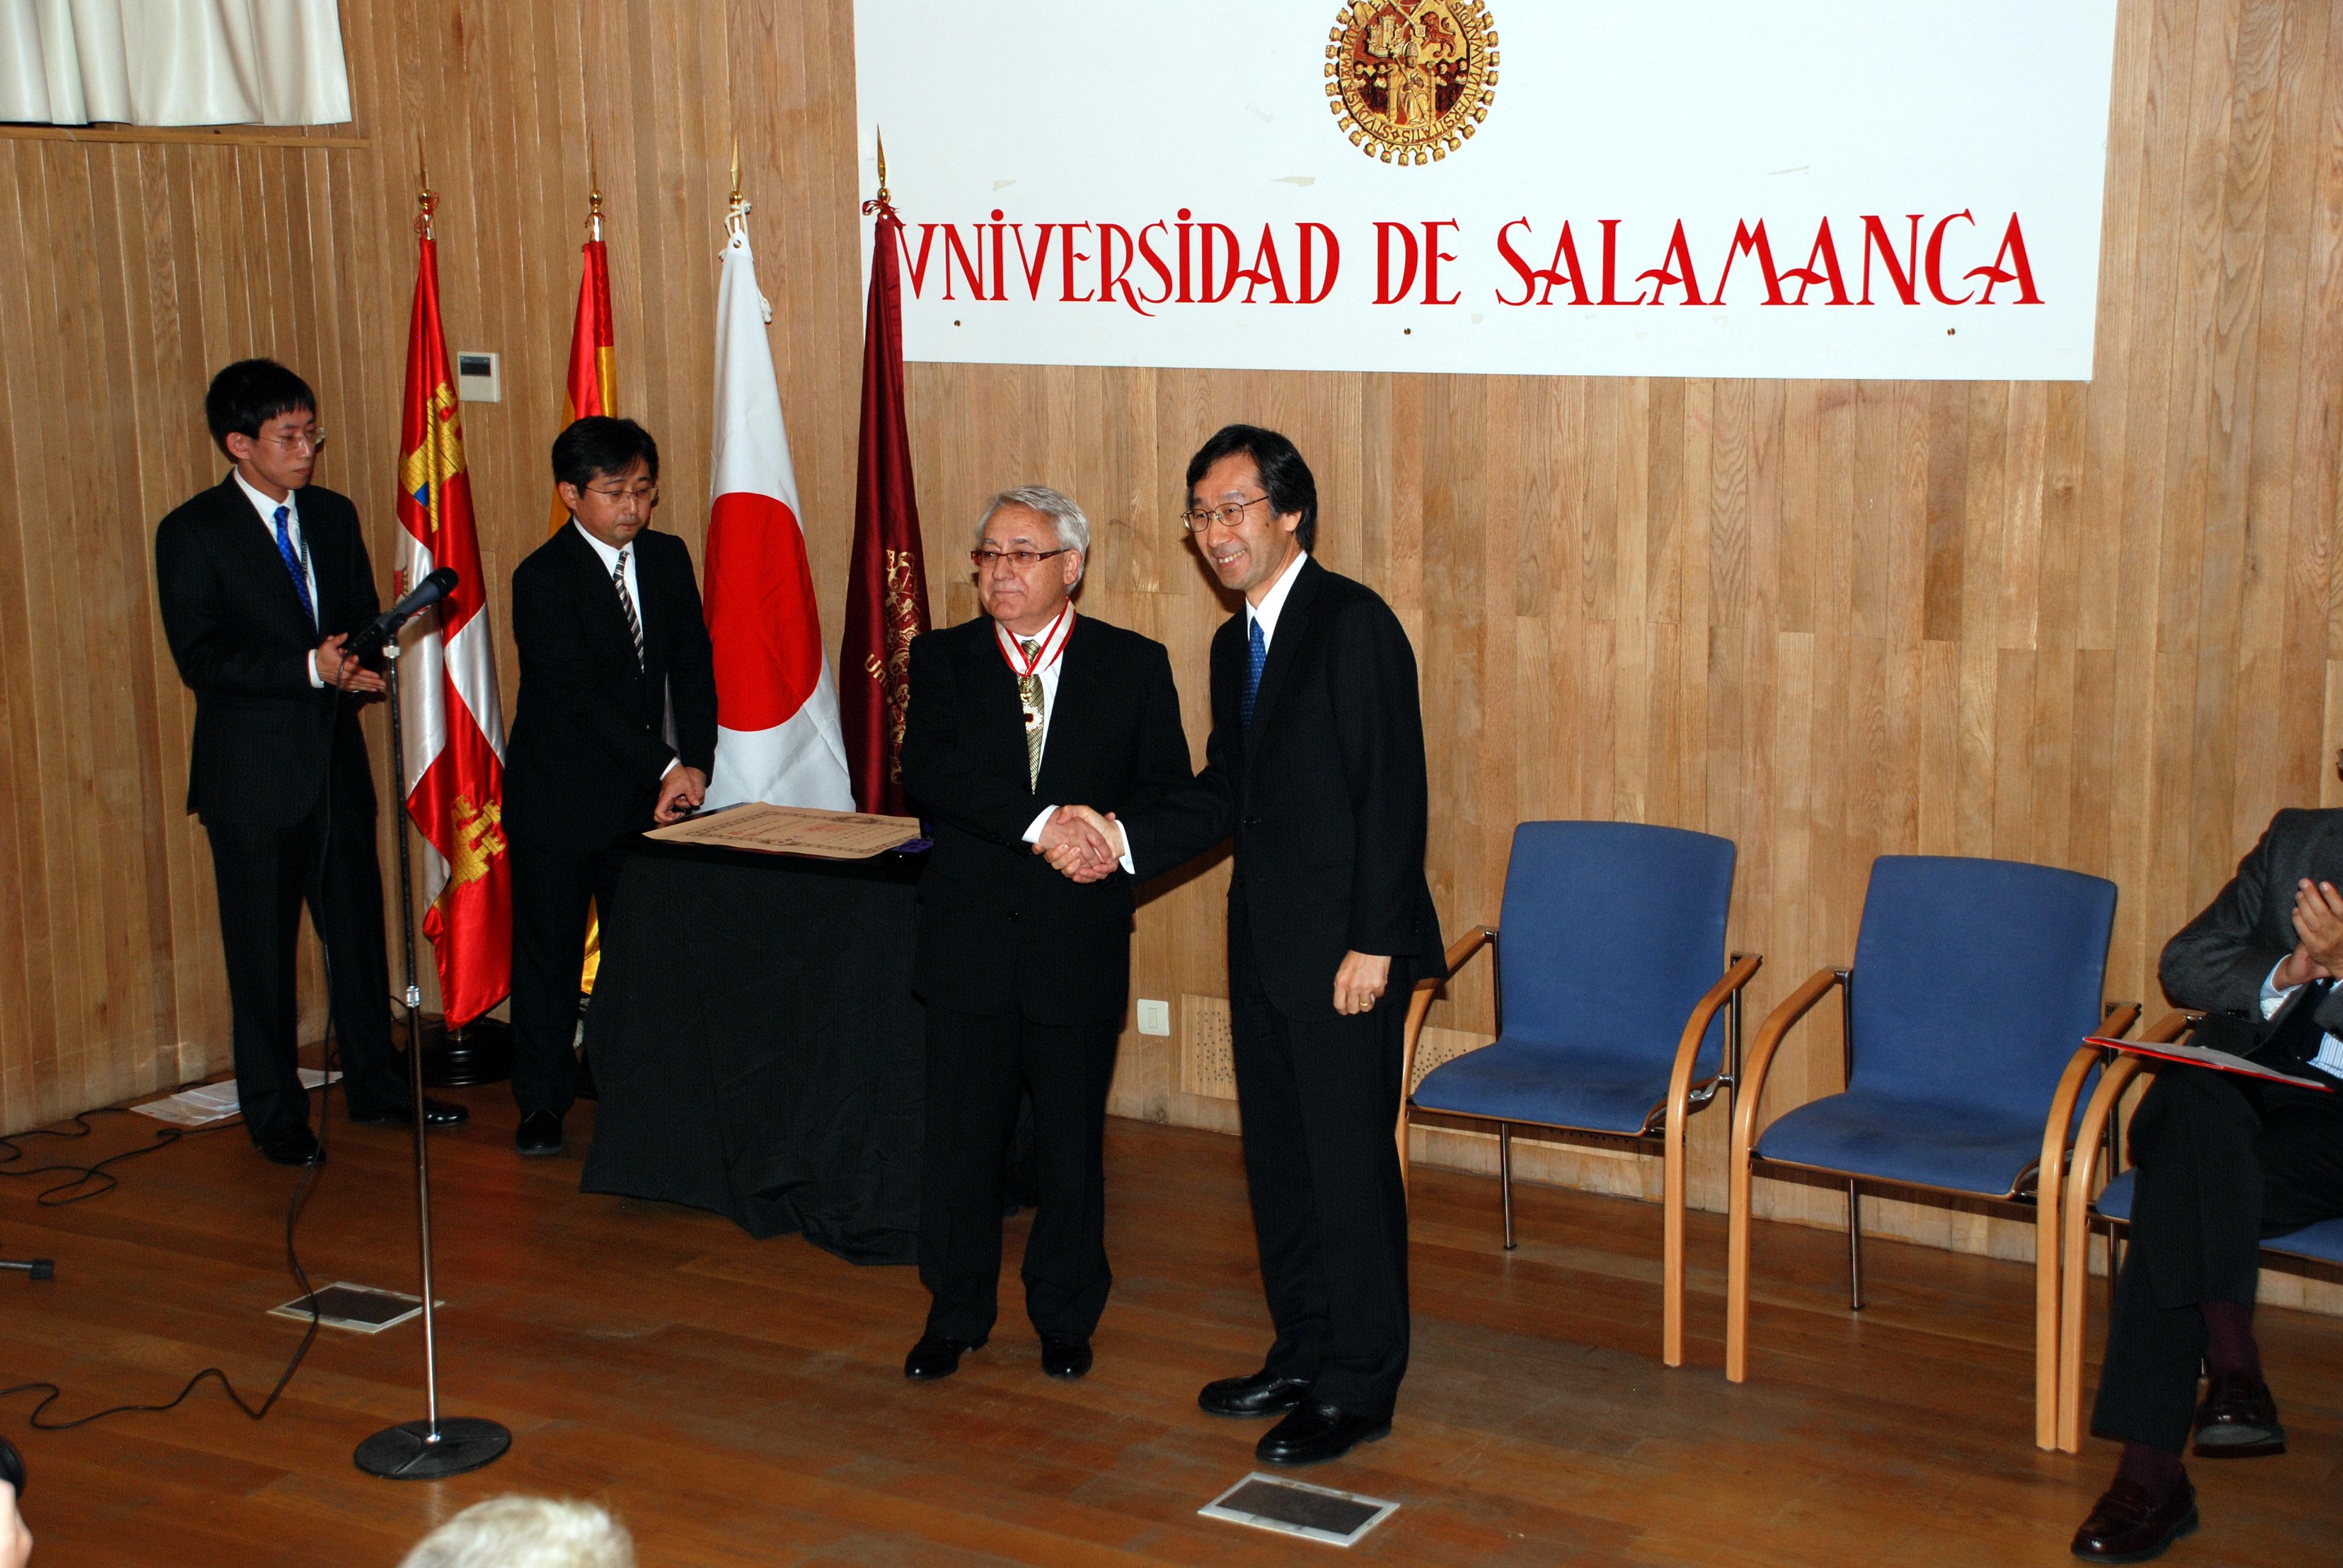 El profesor Antonio López Santos recibe la Orden del Sol Naciente por su contribución al fomento de la enseñanza de la lengua y cultura japonesa